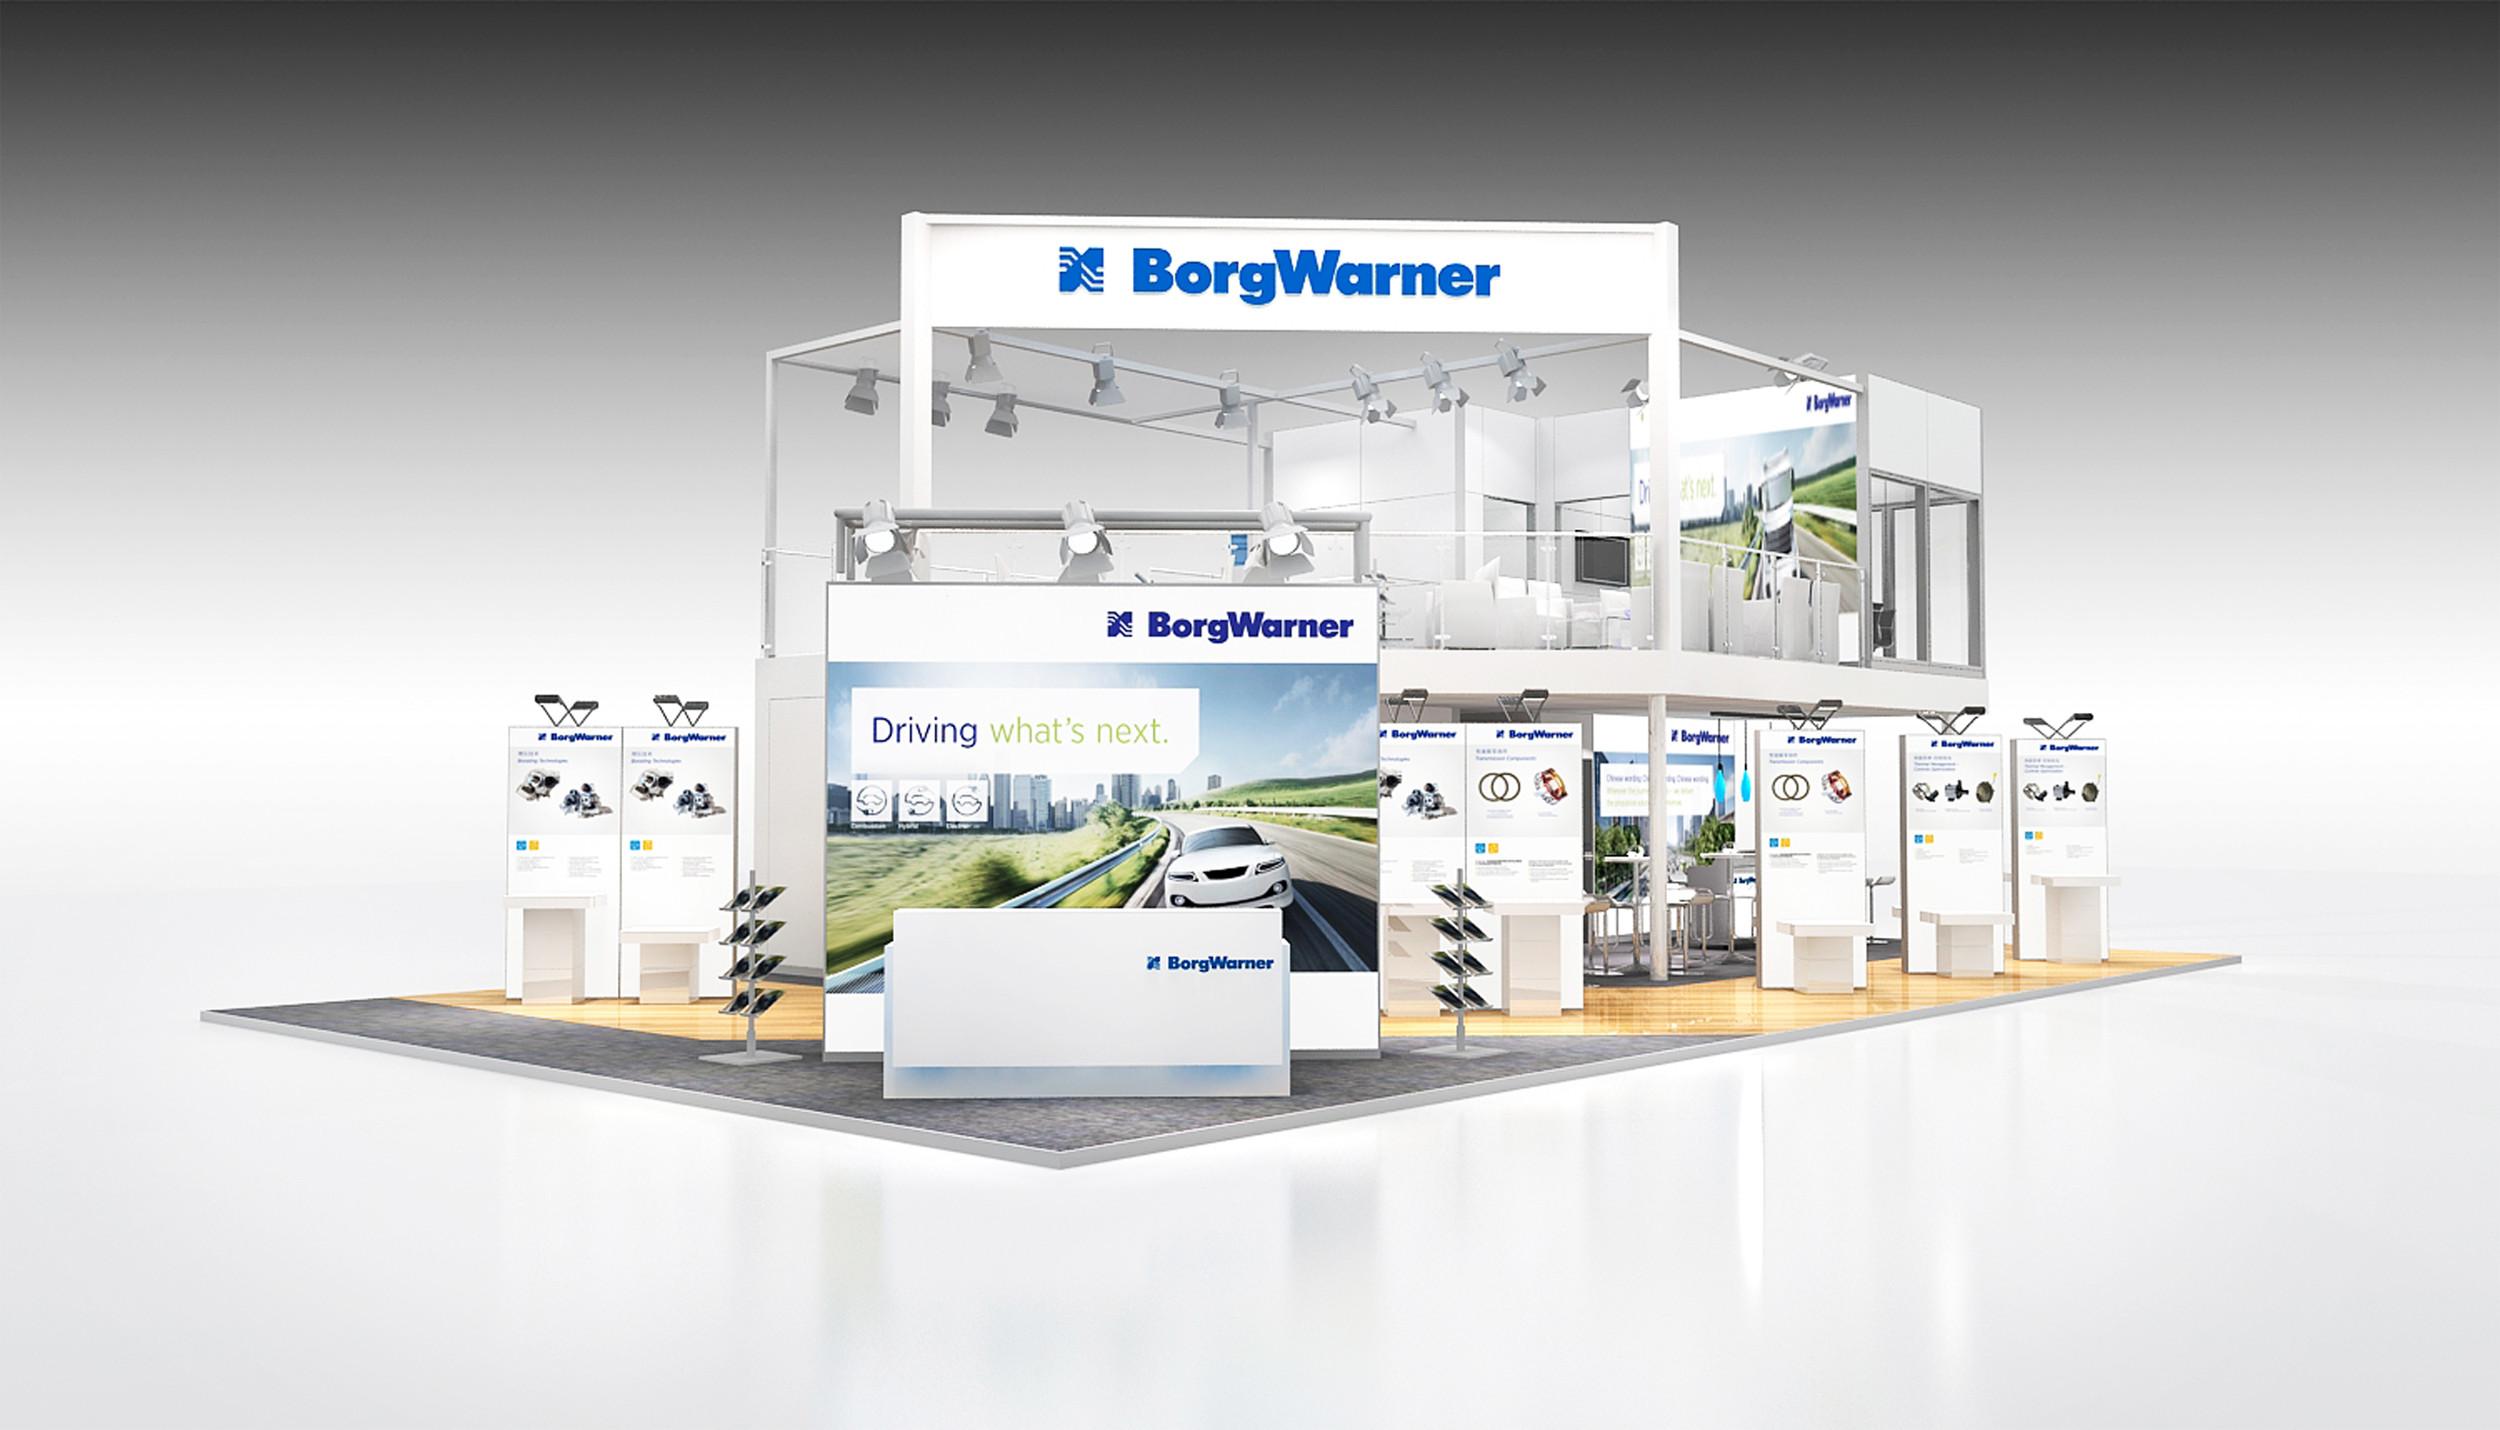 Auto News | Mit Fokus auf aktuelle Trends des chinesischen Marktes präsentiert BorgWarner auf der Auto Shanghai 2017 sein umfangreiches Portfolio an Lösungen für Fahrzeuge mit Verbrennungsmotor, Hybrid- und Elektroantrieb.